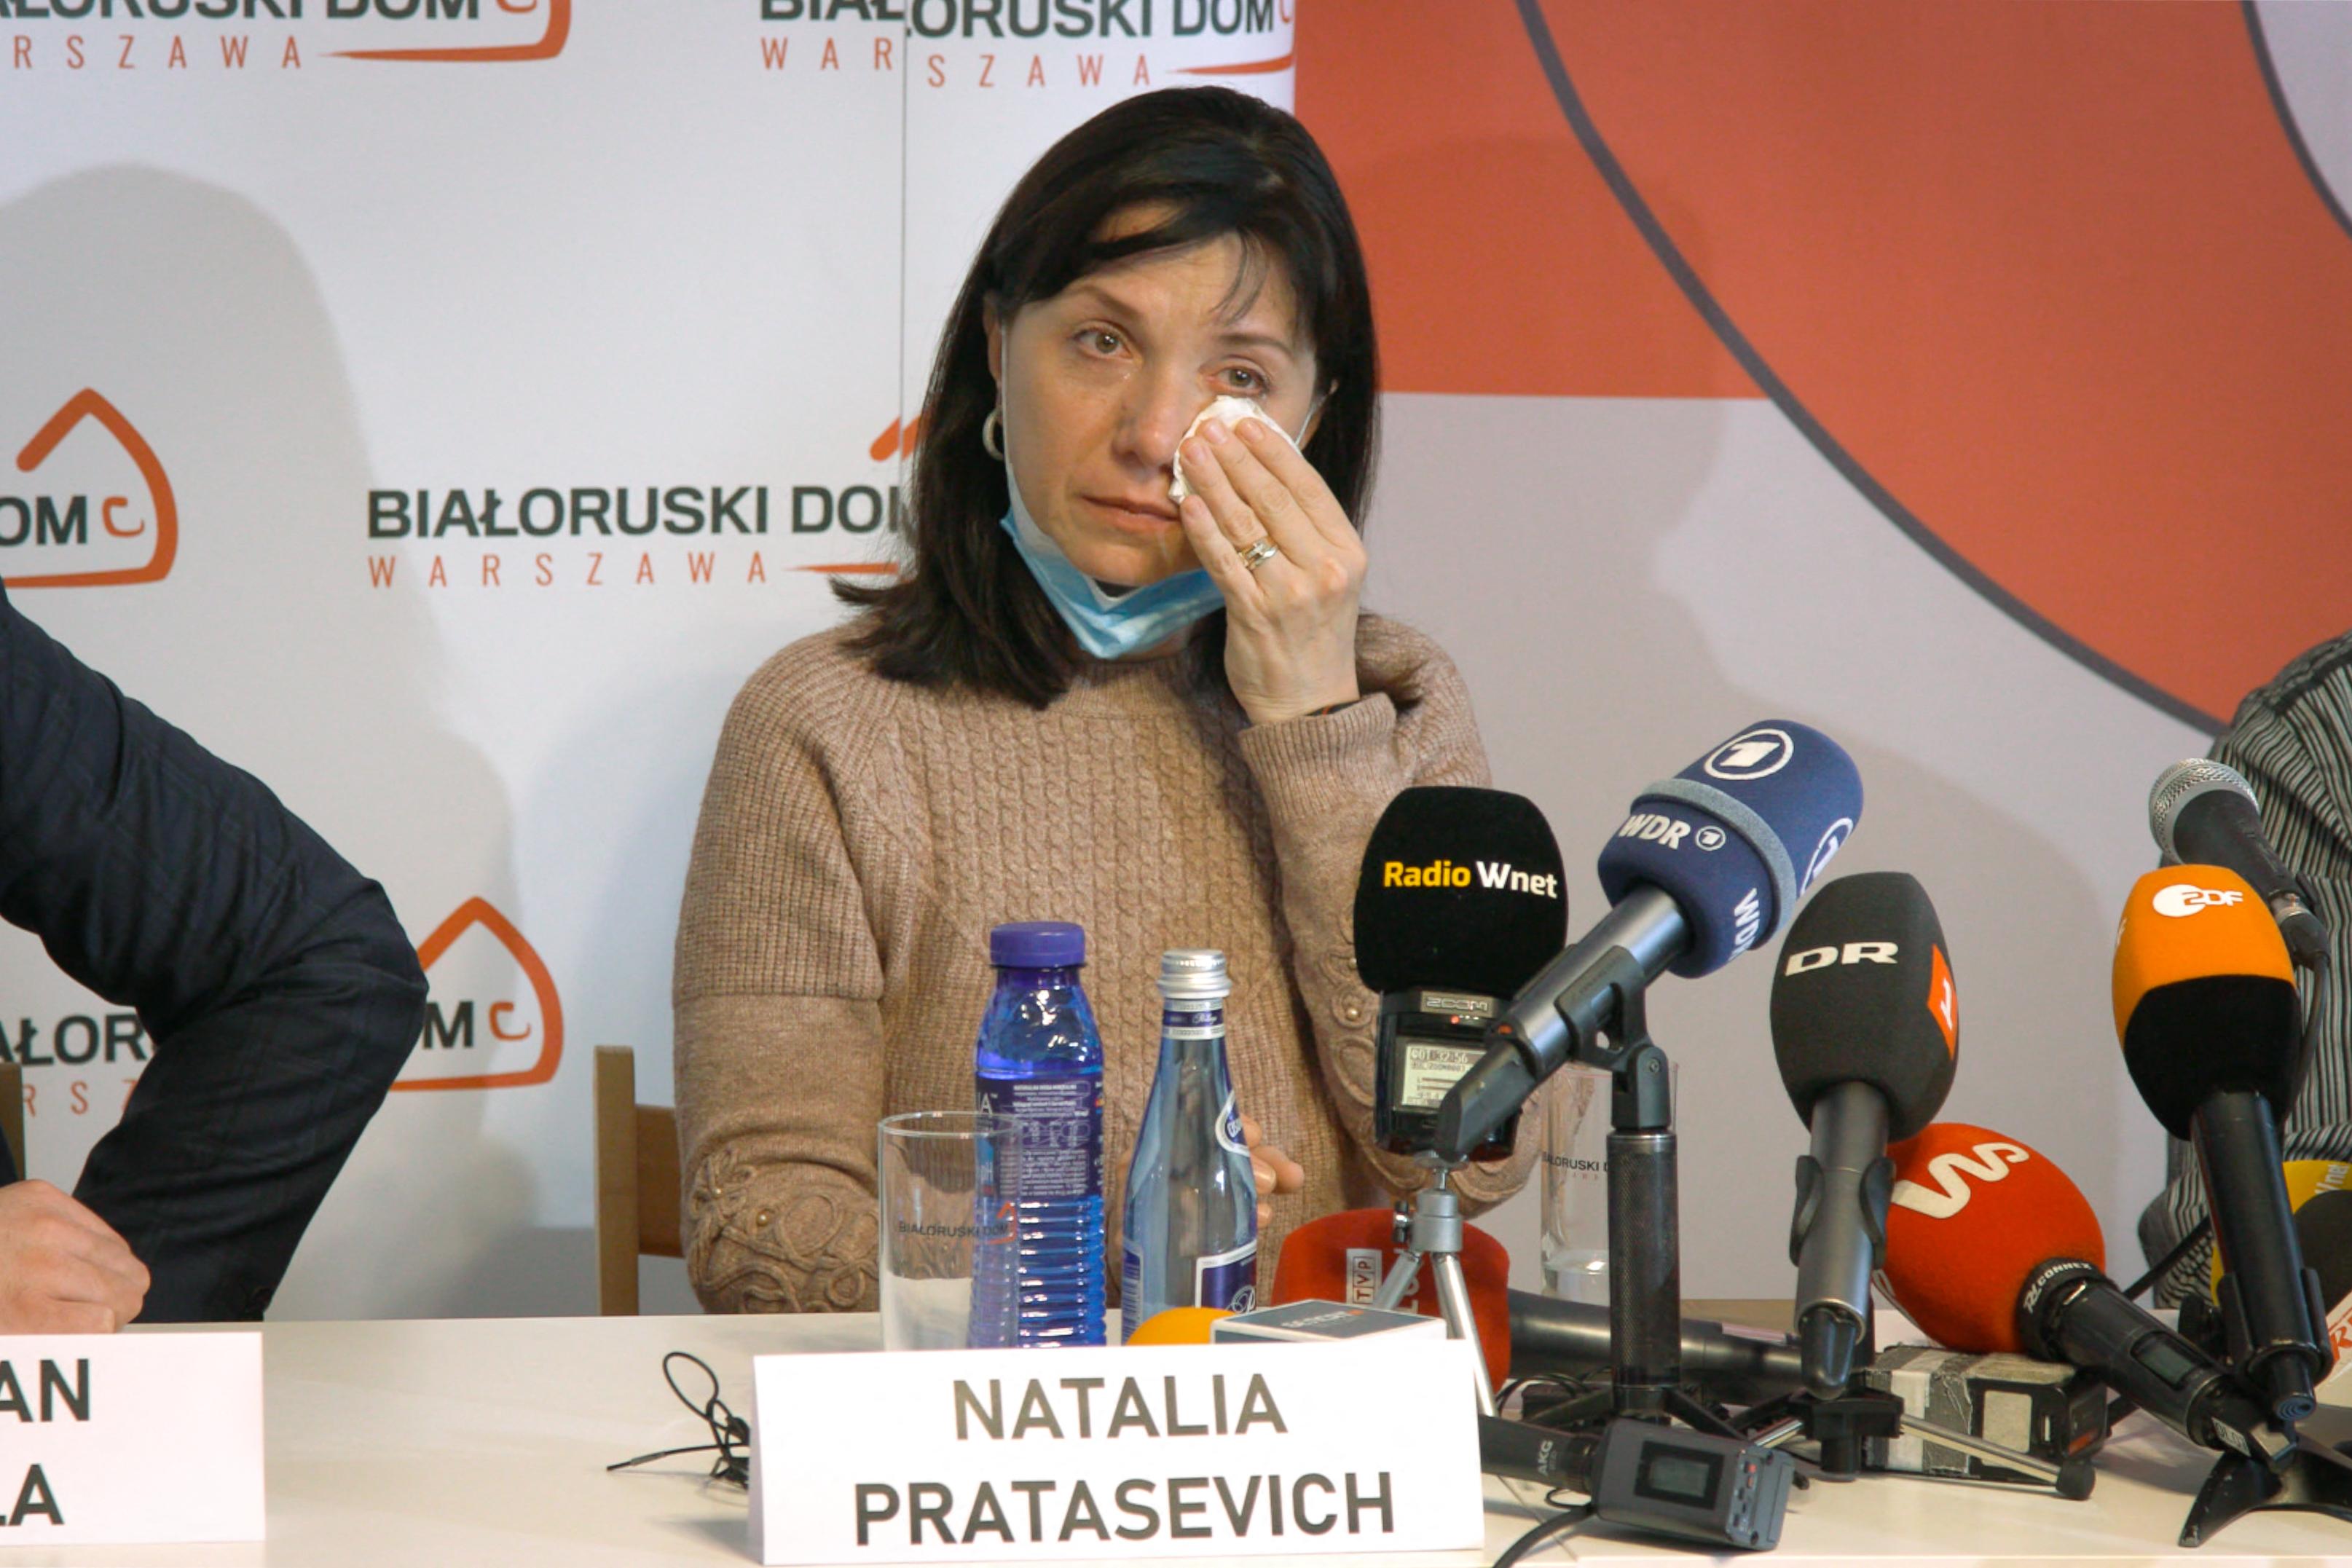 Raman Prataszevics szülei az EU-t és az USA-t  kérik, hogy segítsenek kiszabadítani a fiukat